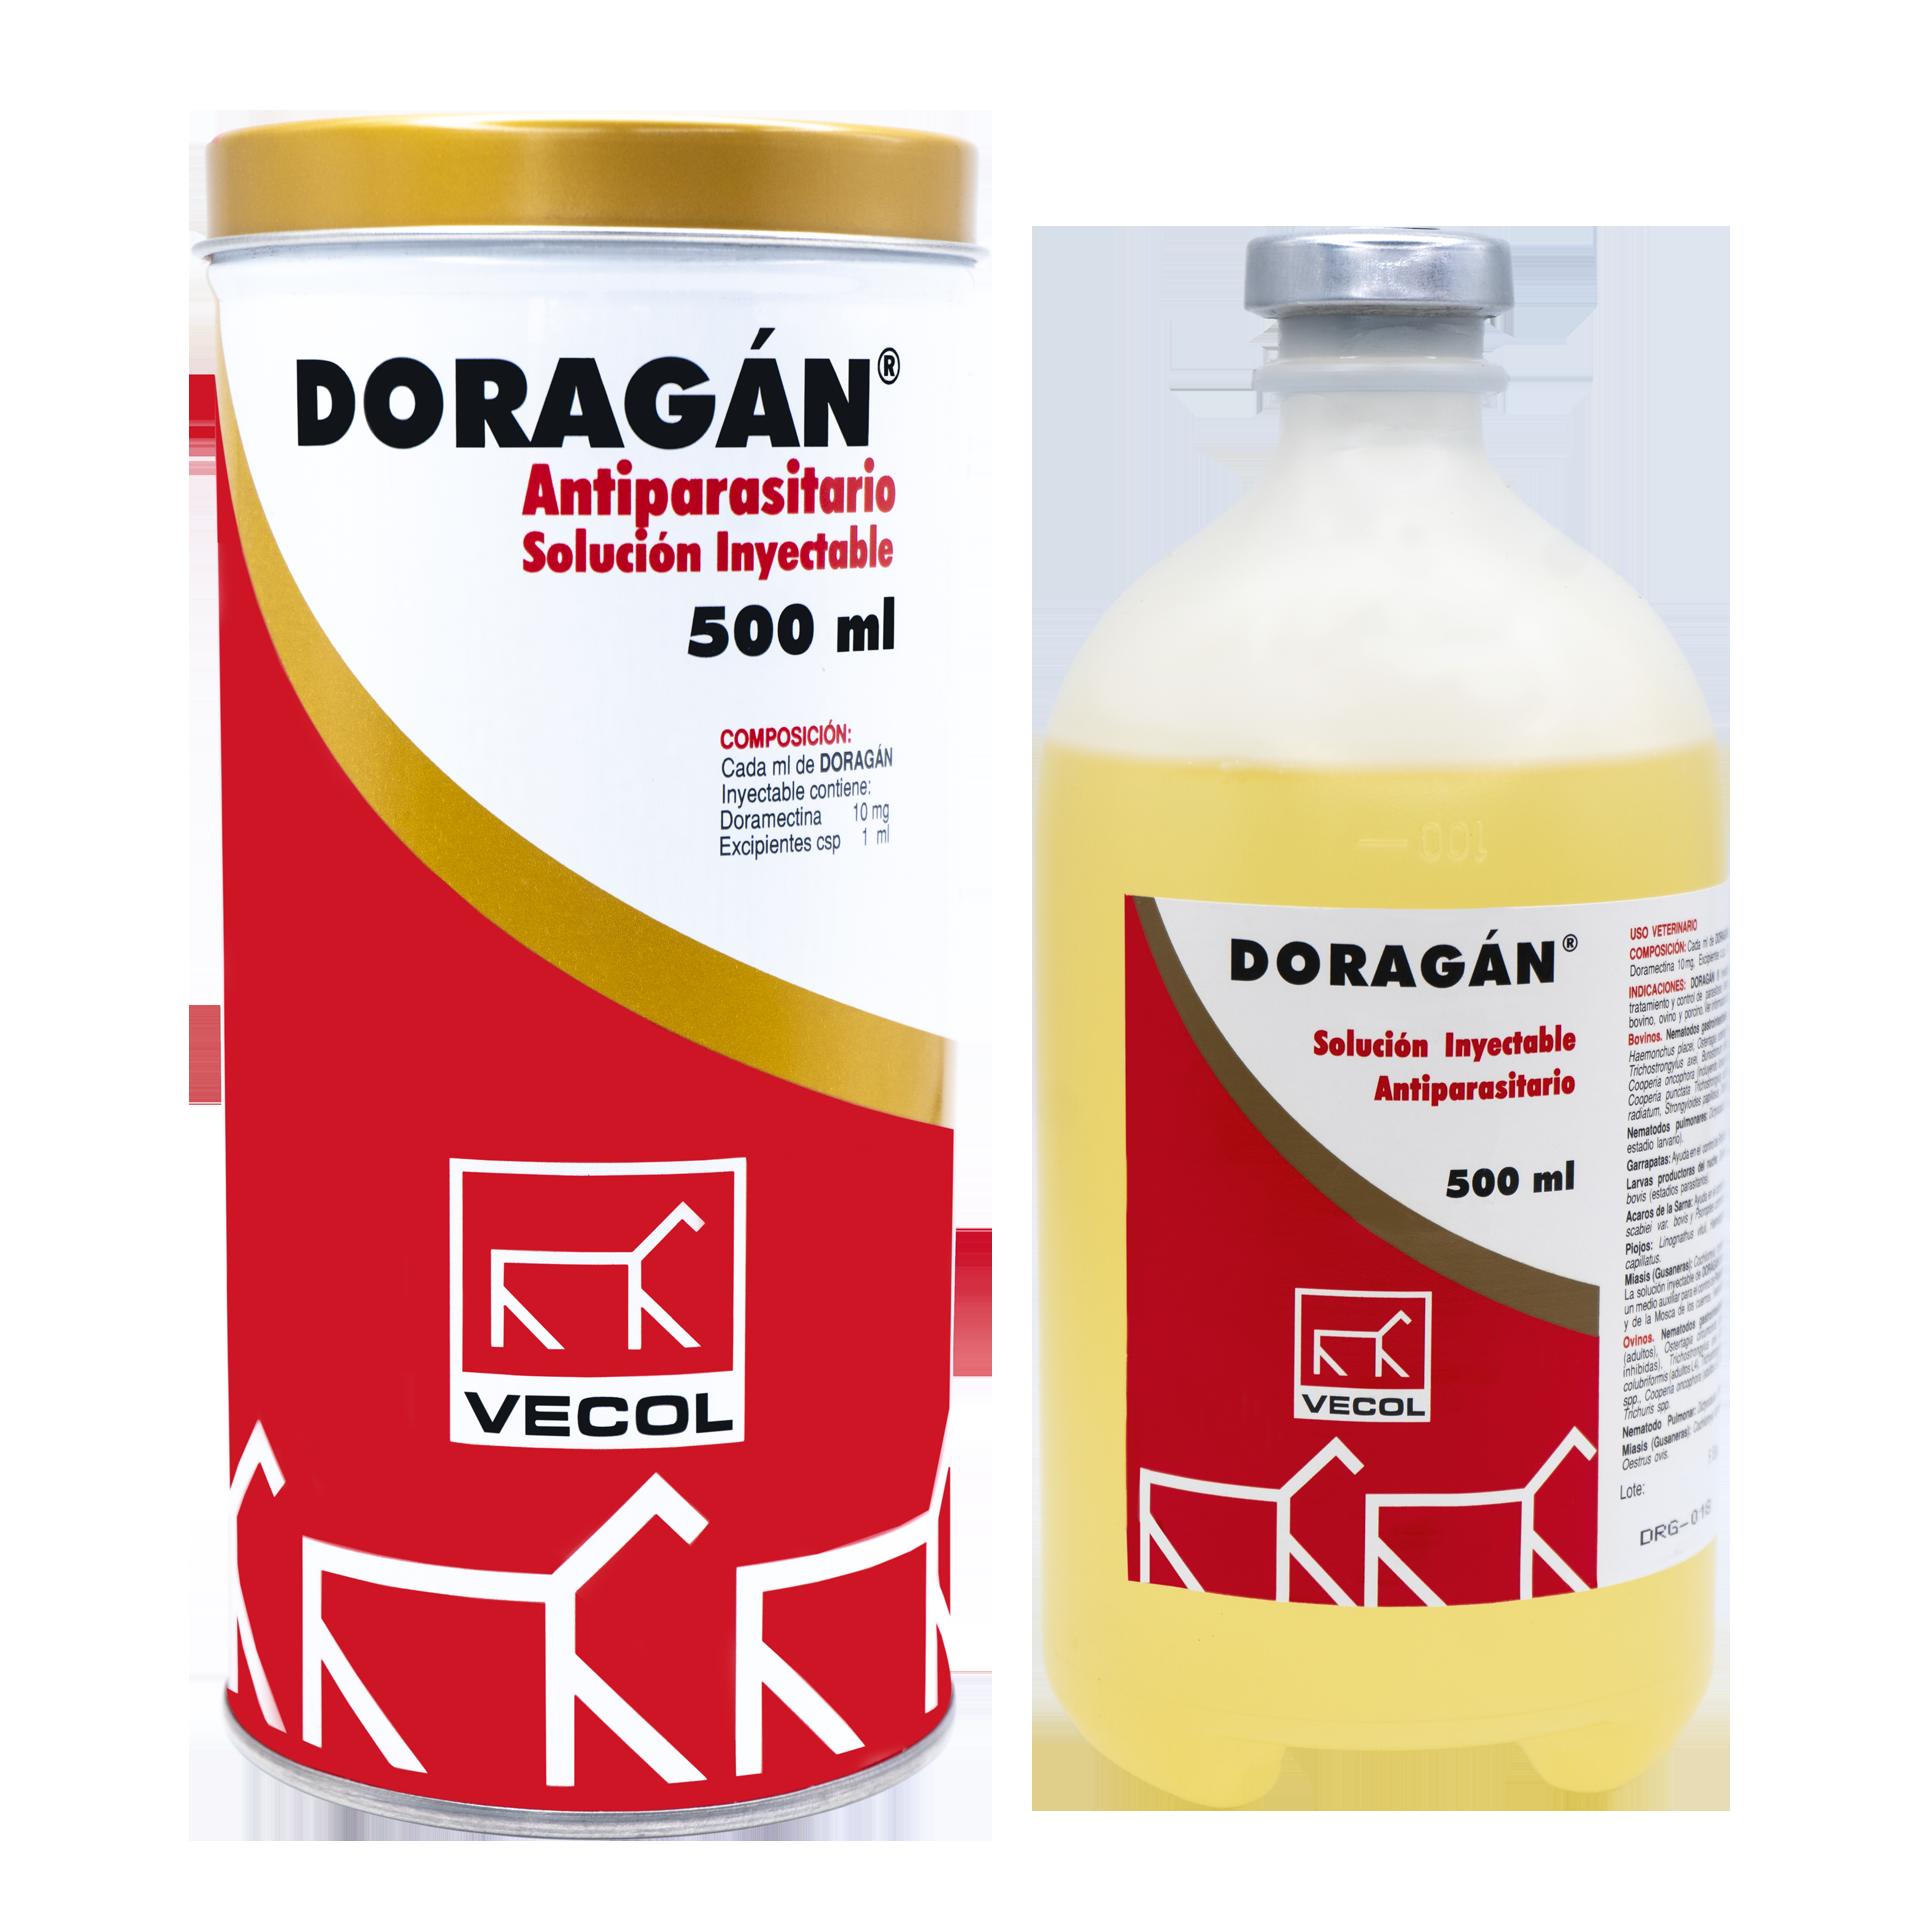 DORAGAN